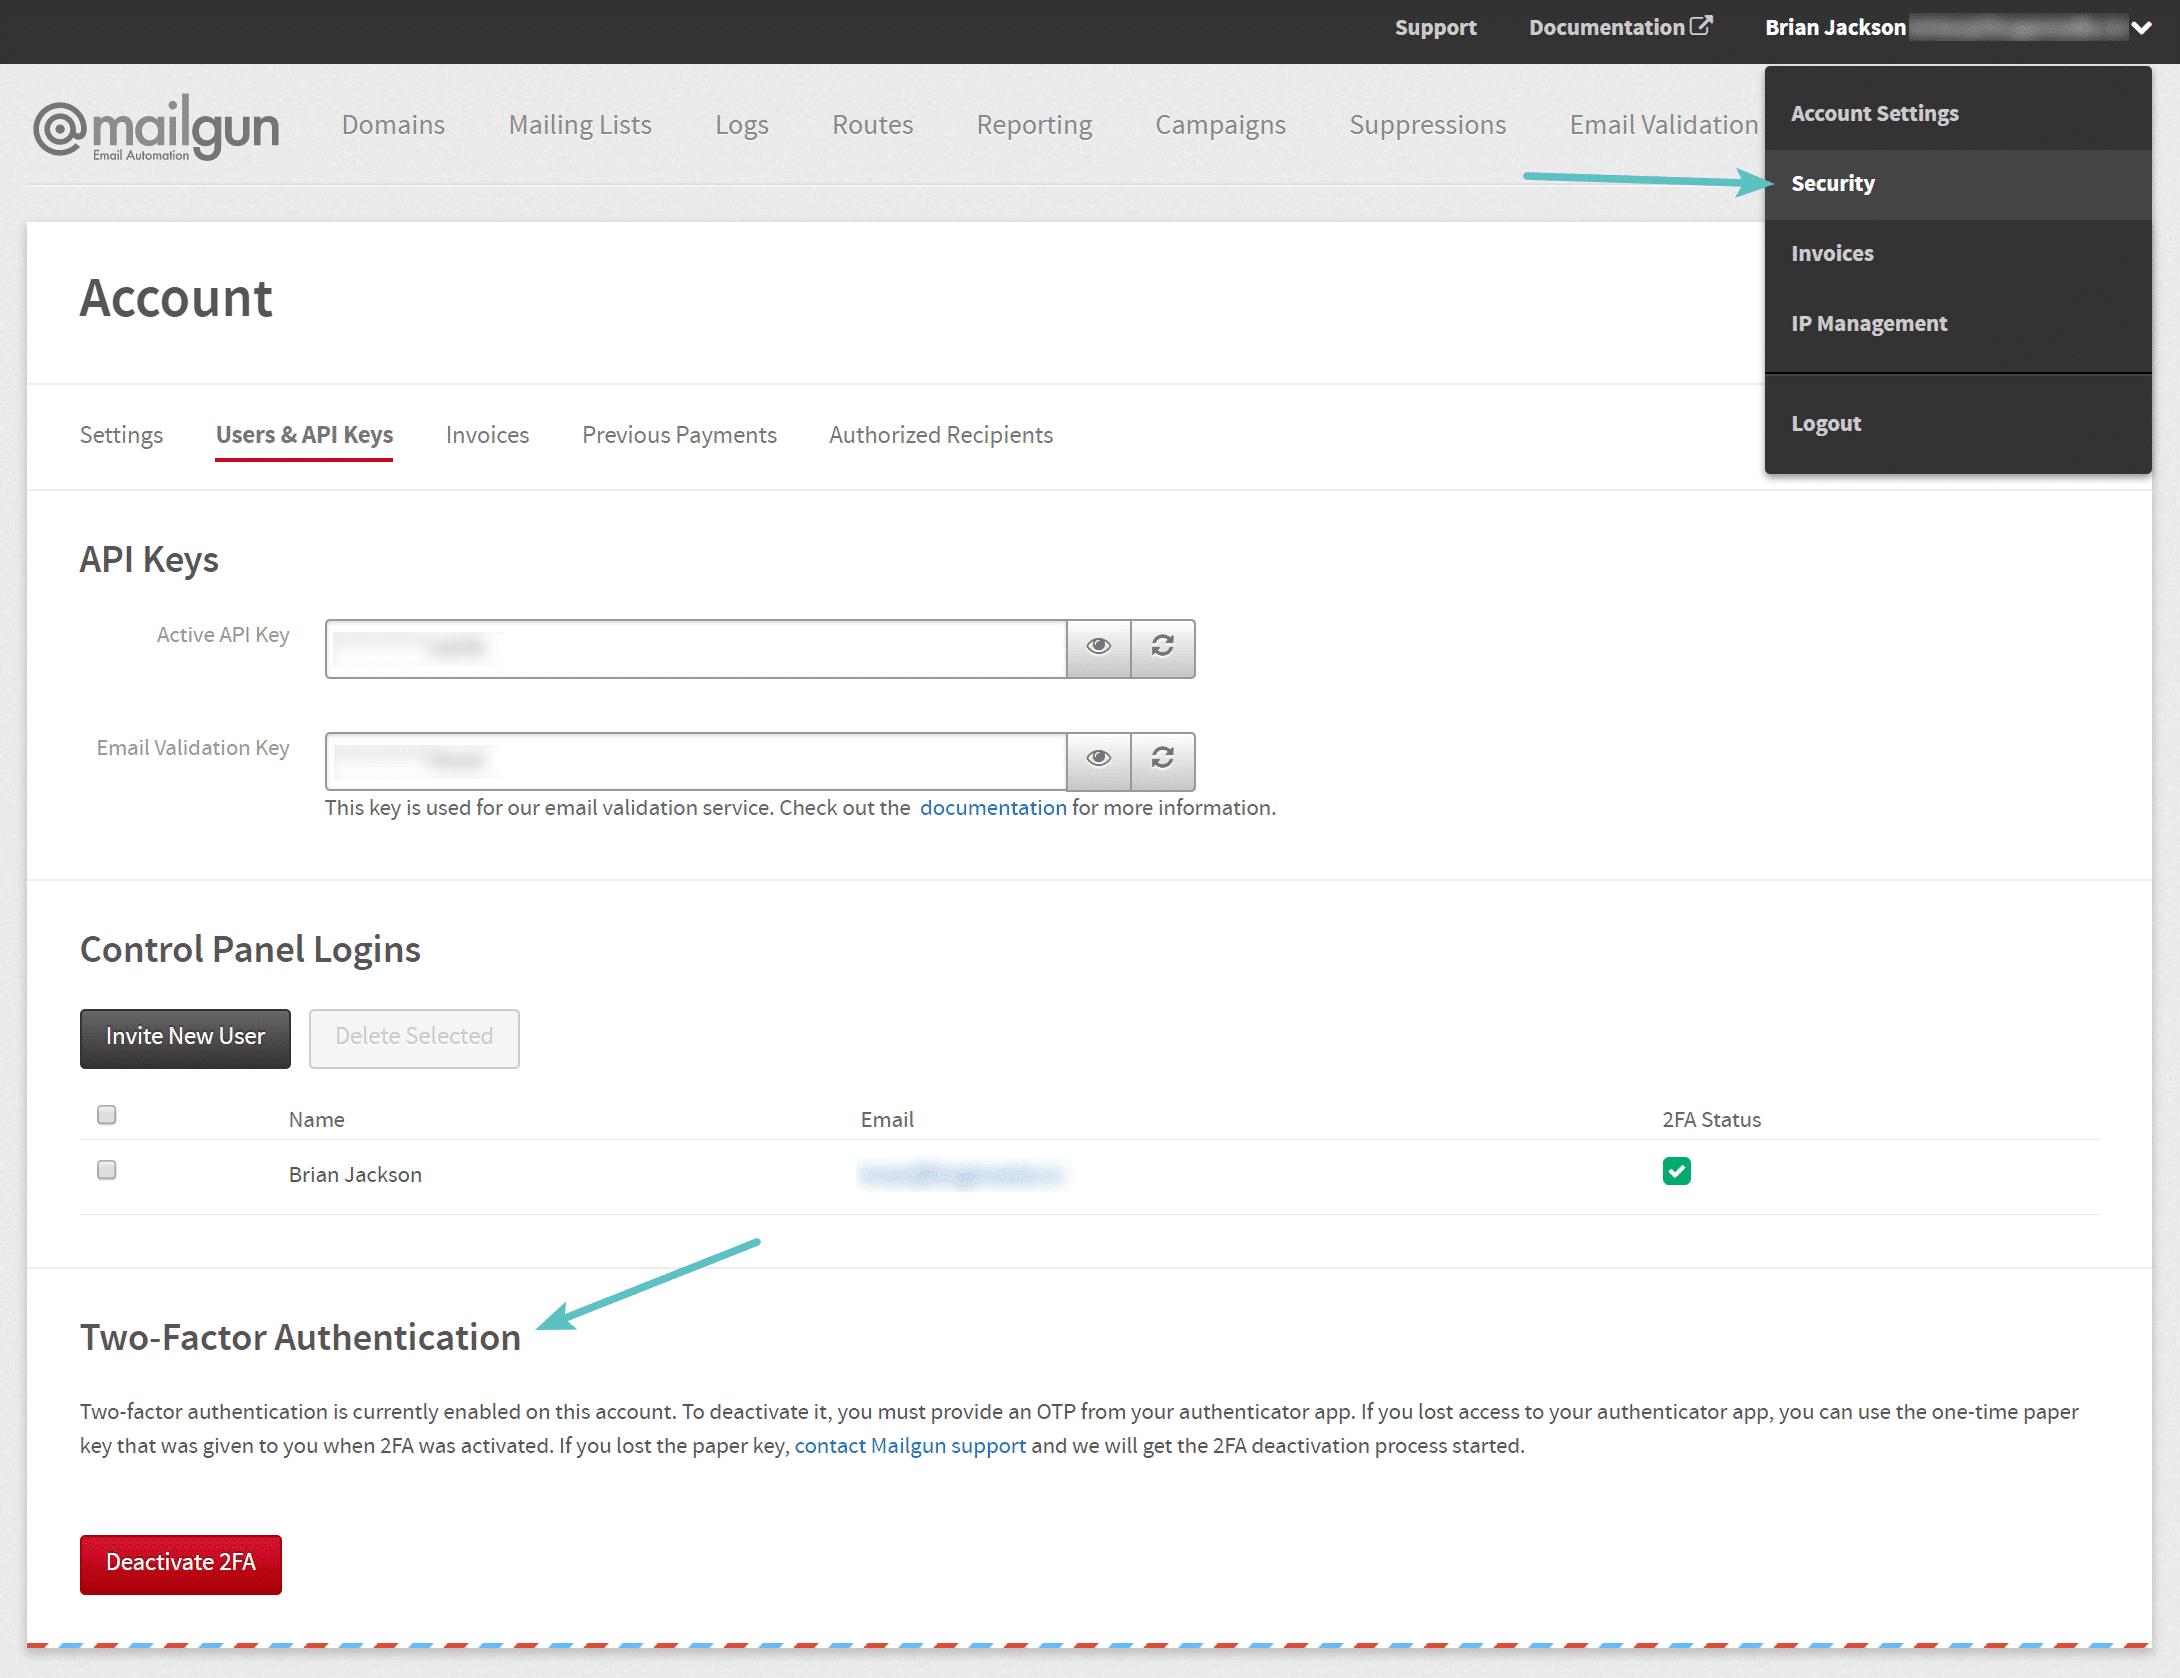 Autenticação de dois fatores Mailgun